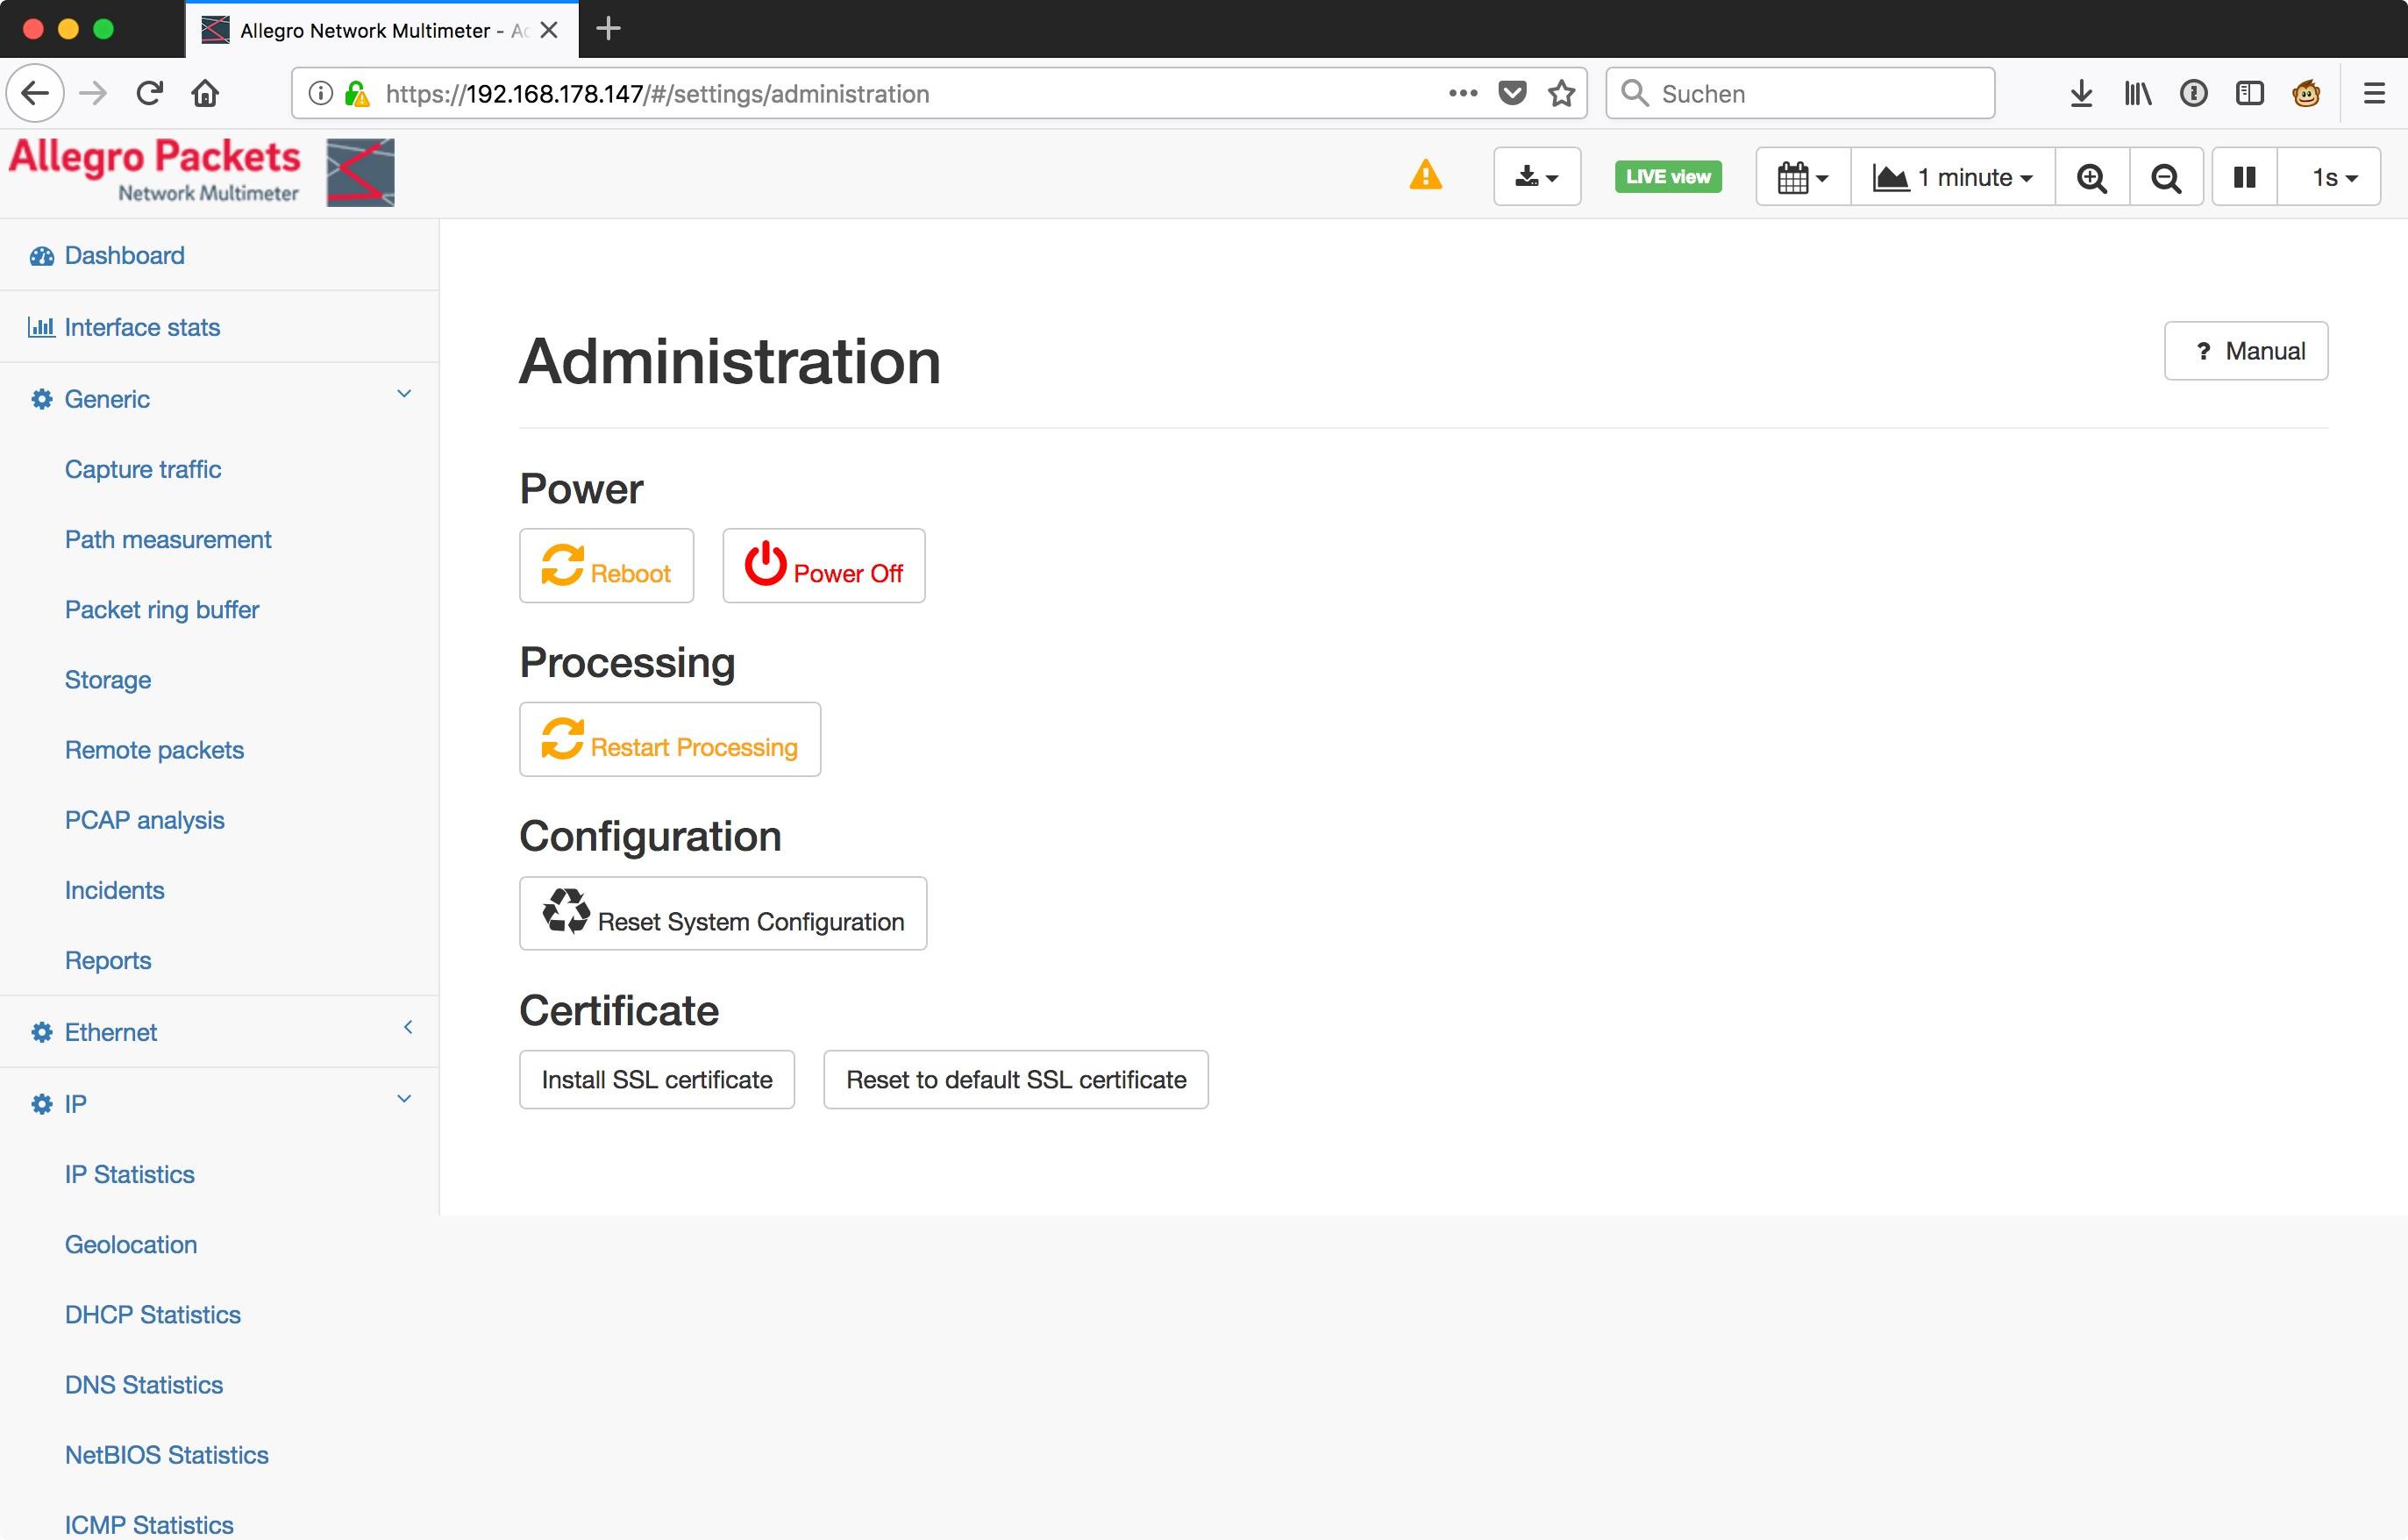 Allegro_Network_Multimeter_-_Administration